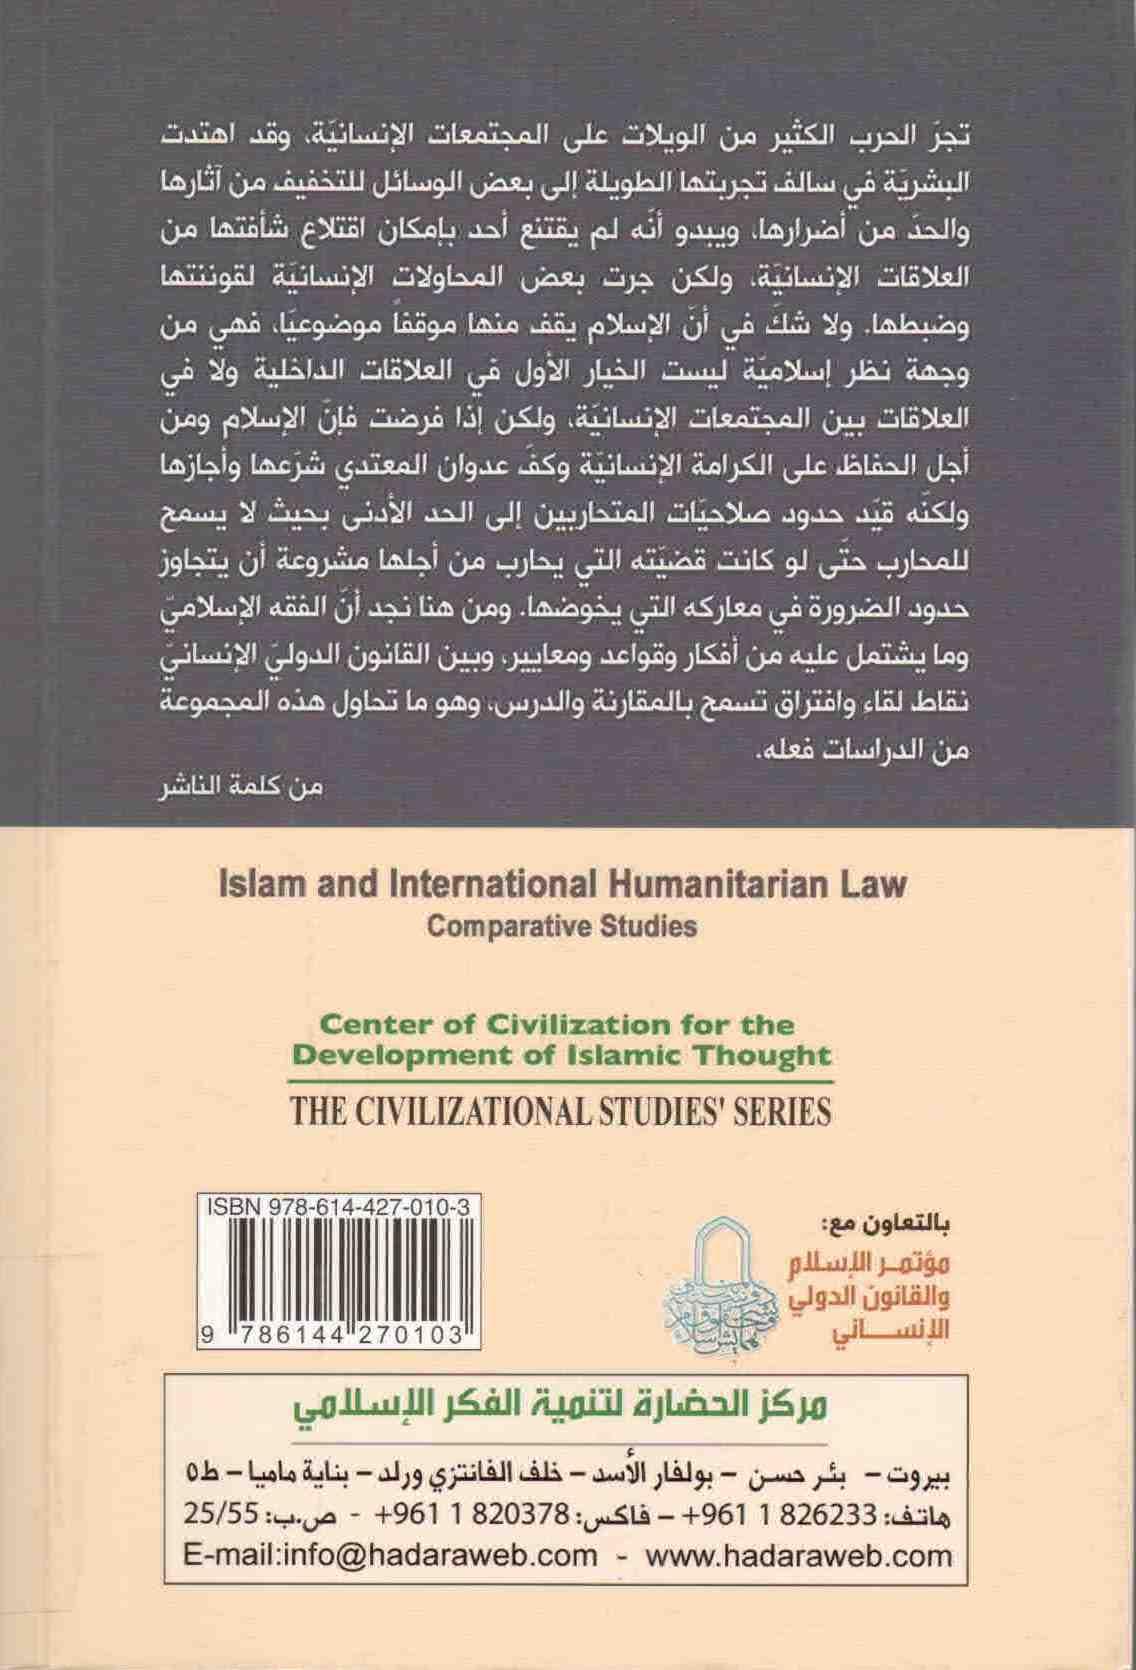 غلاف كتاب الإسلام والقانون الدولي الإنساني